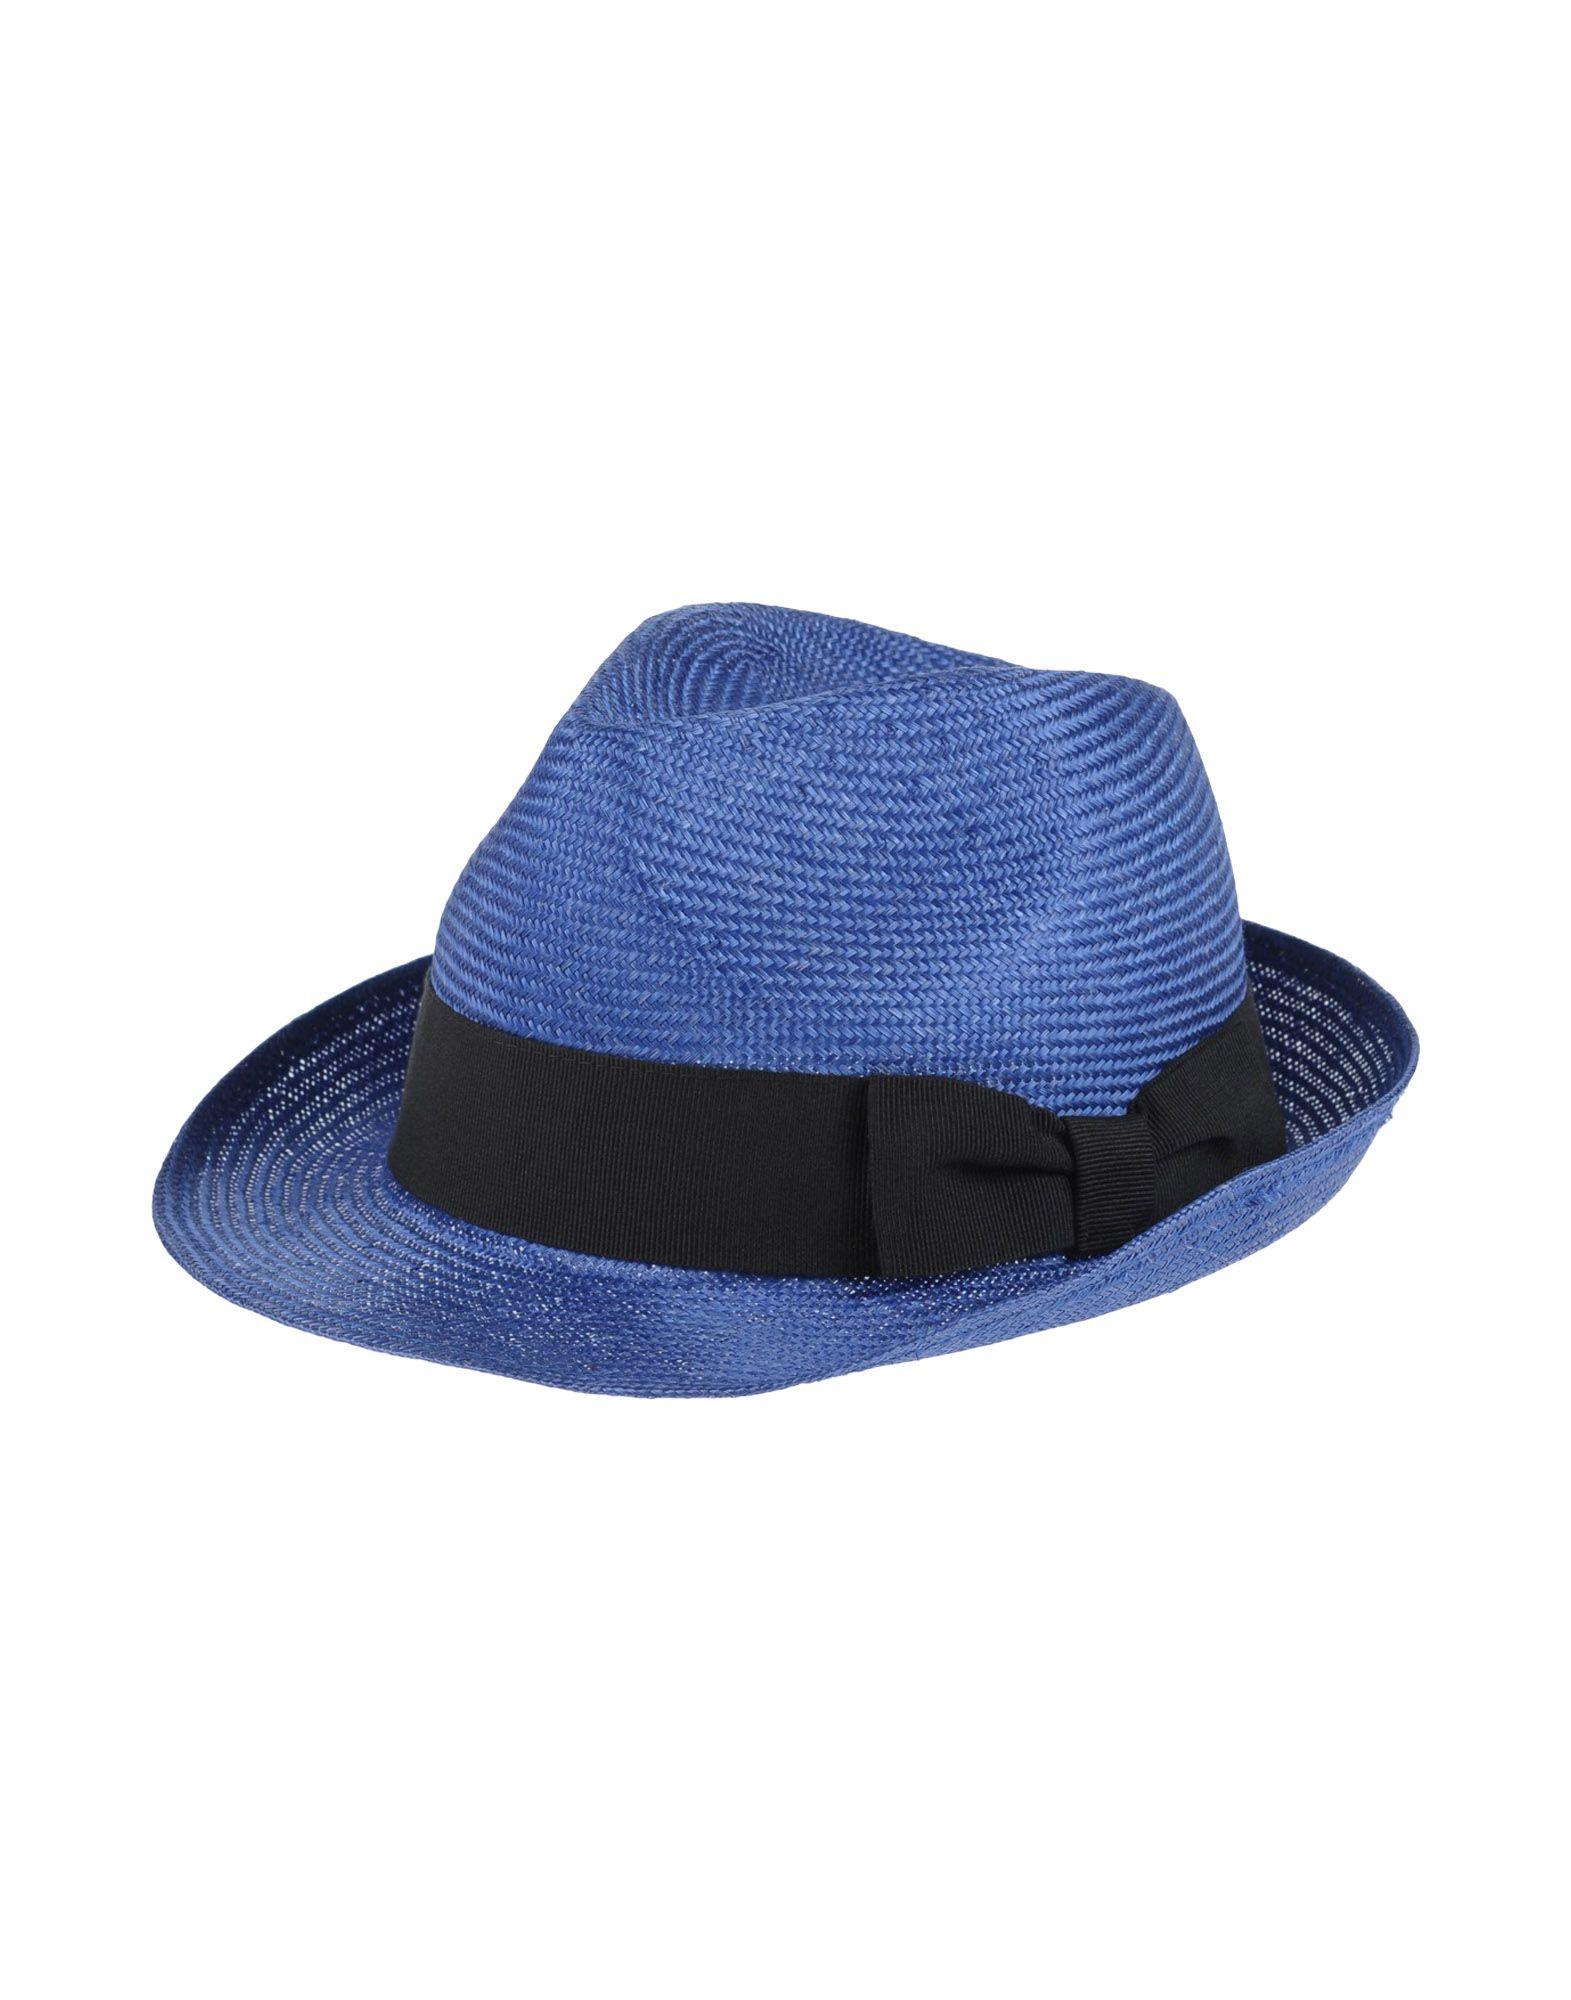 ea494da3f00 Lyst - Kiton Hat in Blue for Men